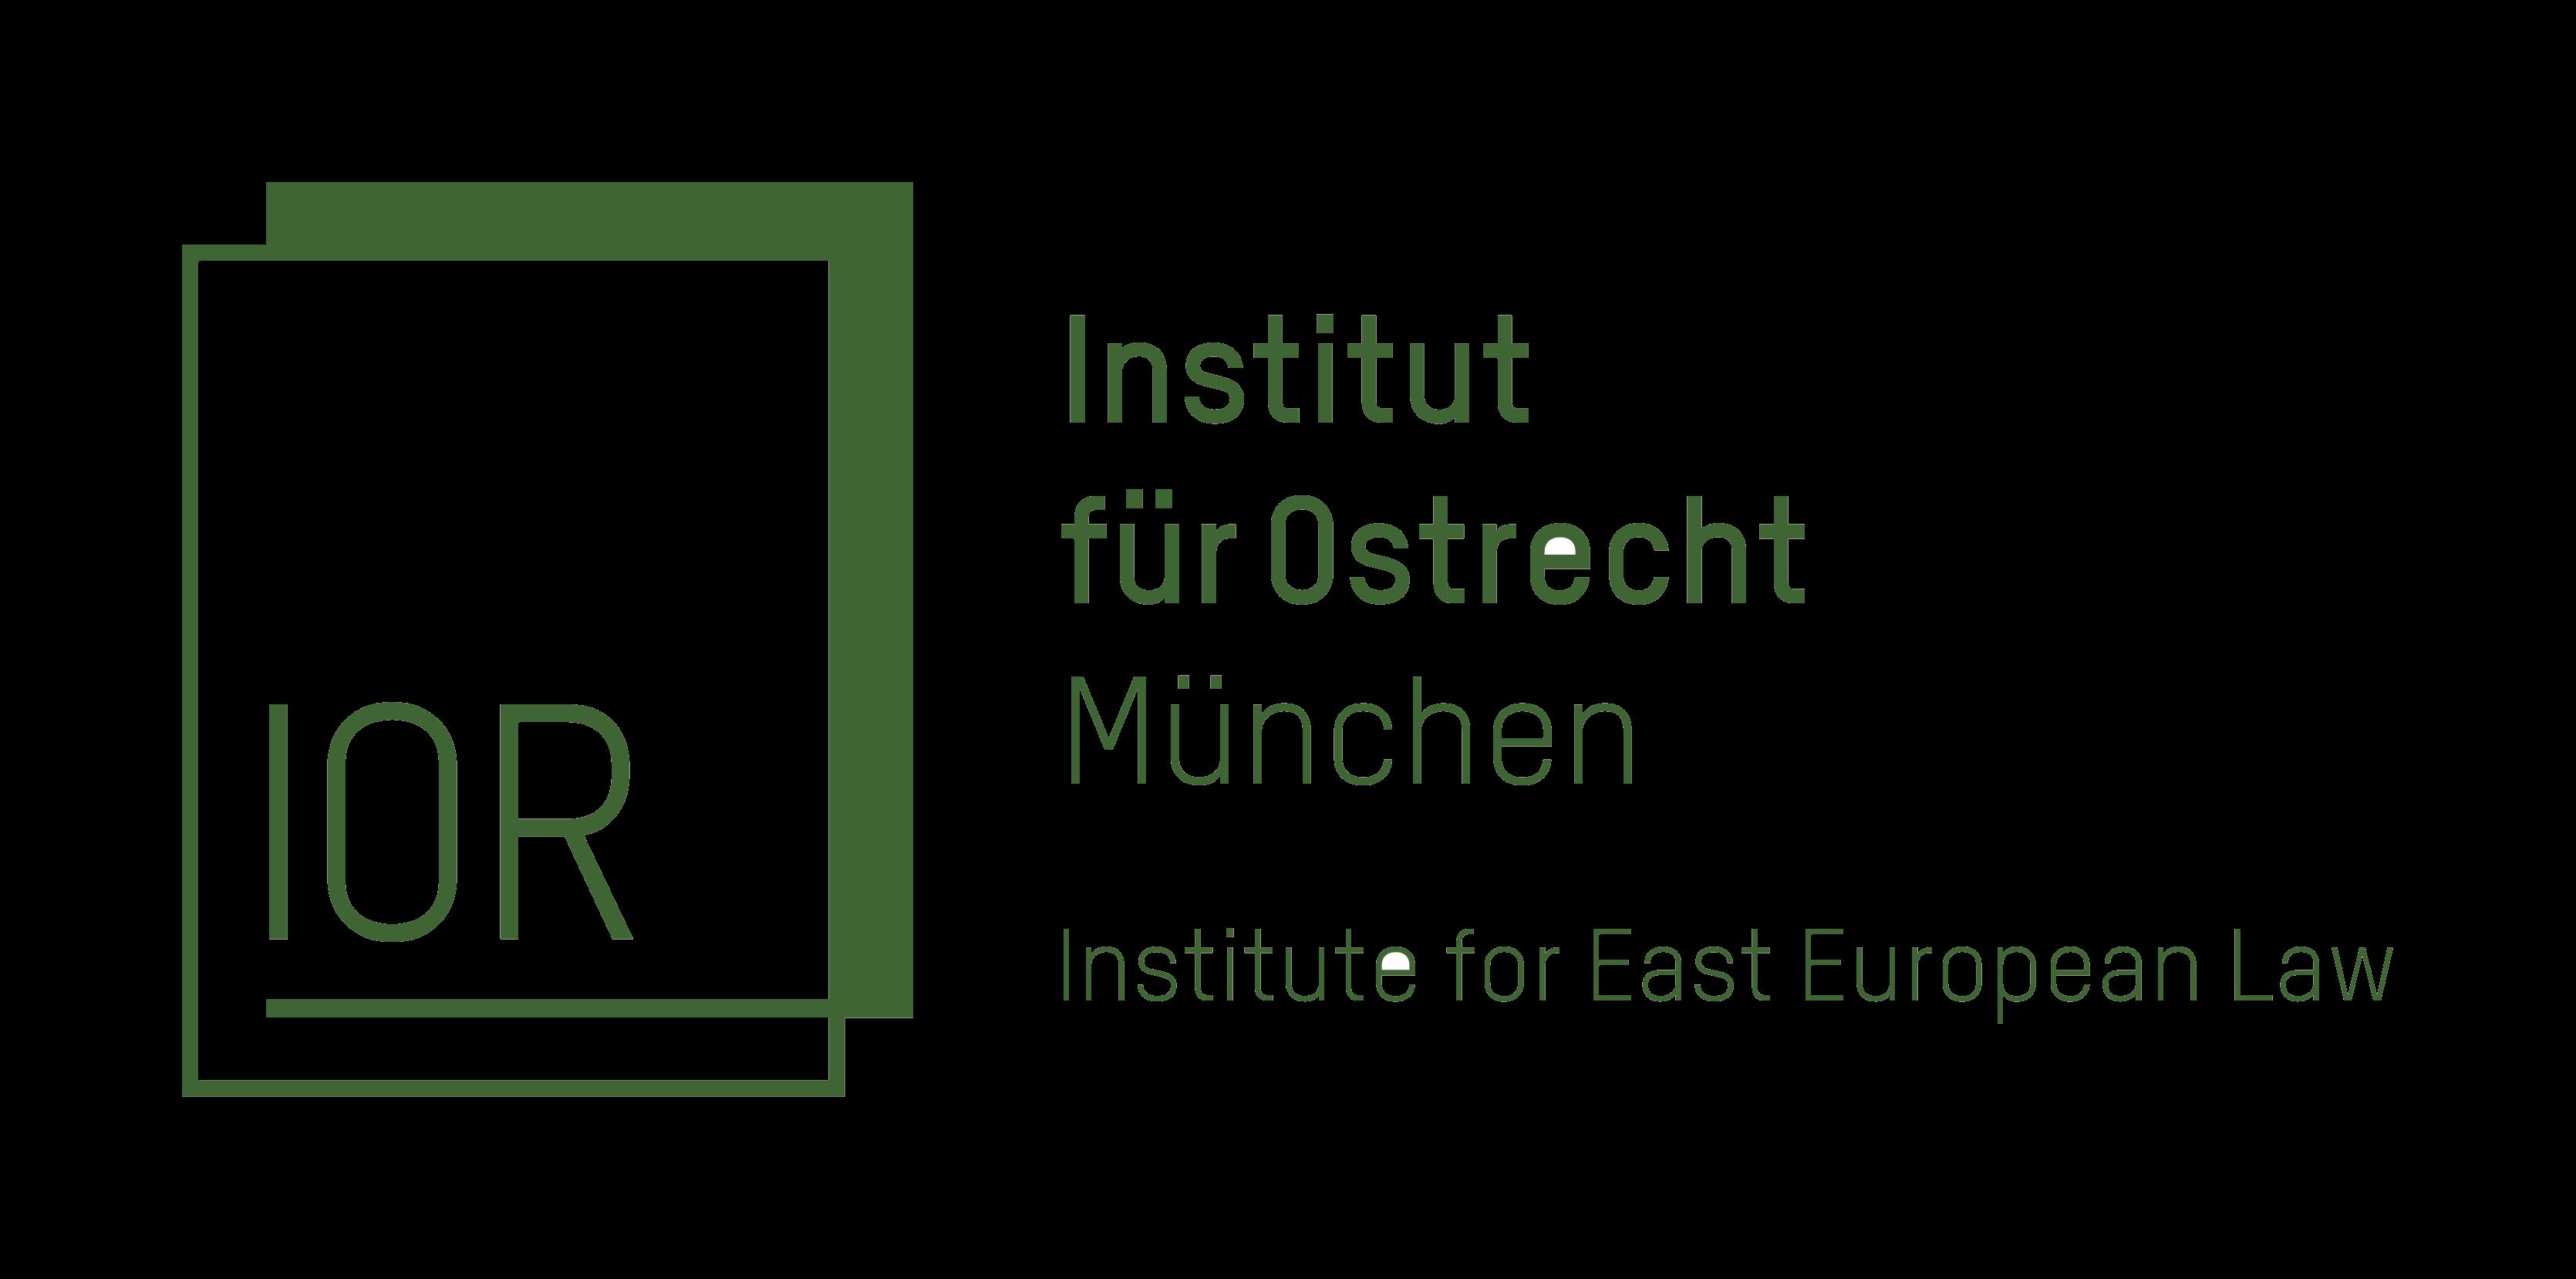 Institut für Ostrecht